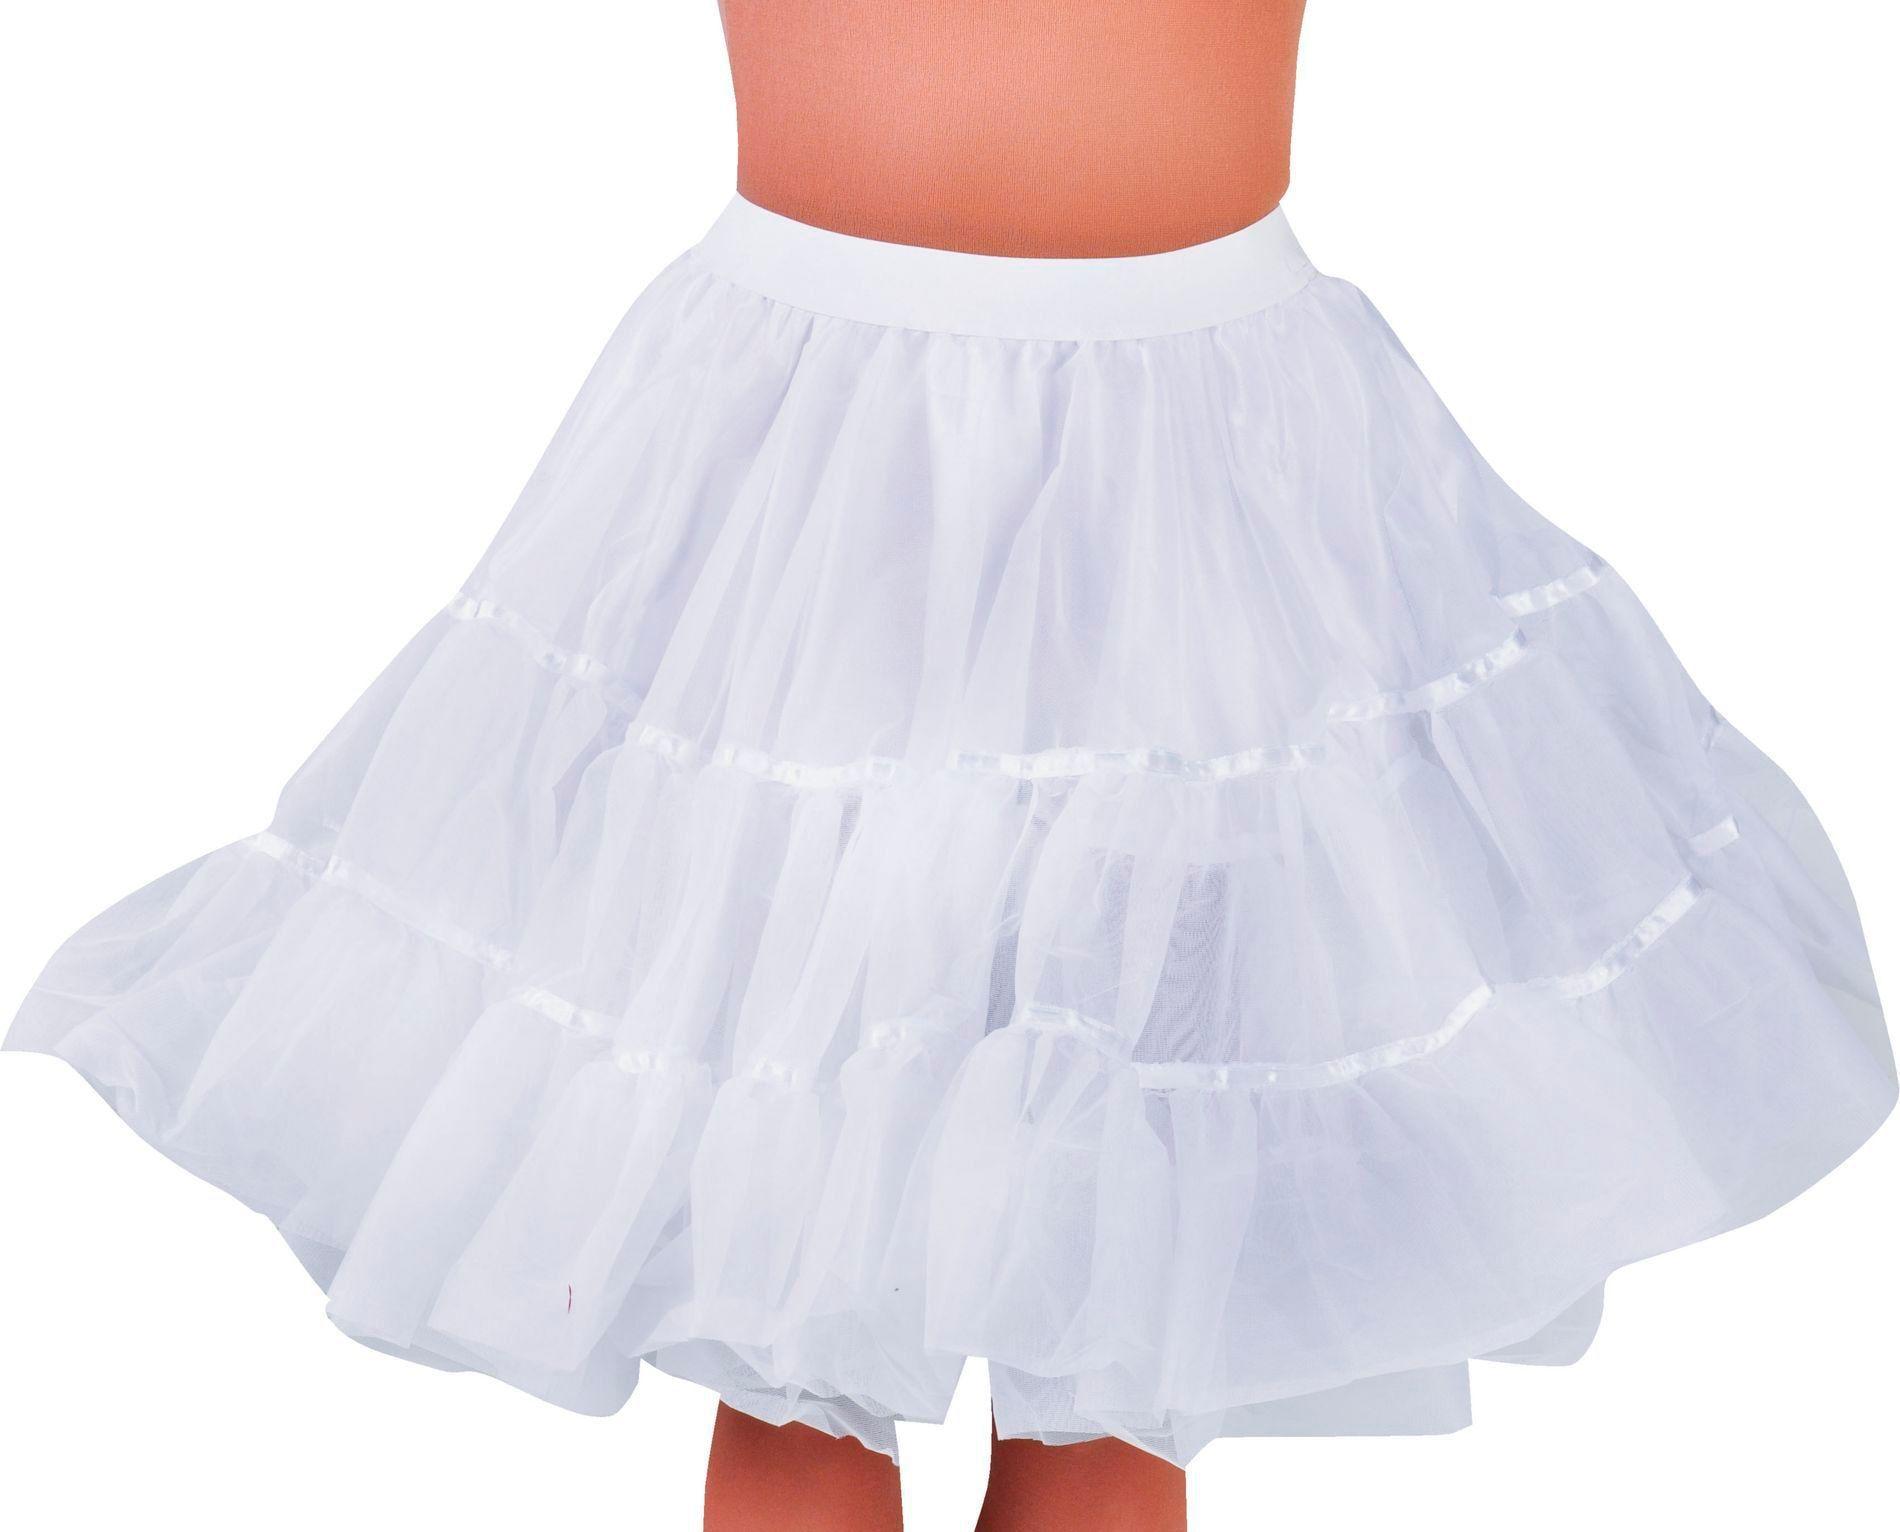 Witte petticoat vrouwen middel lang